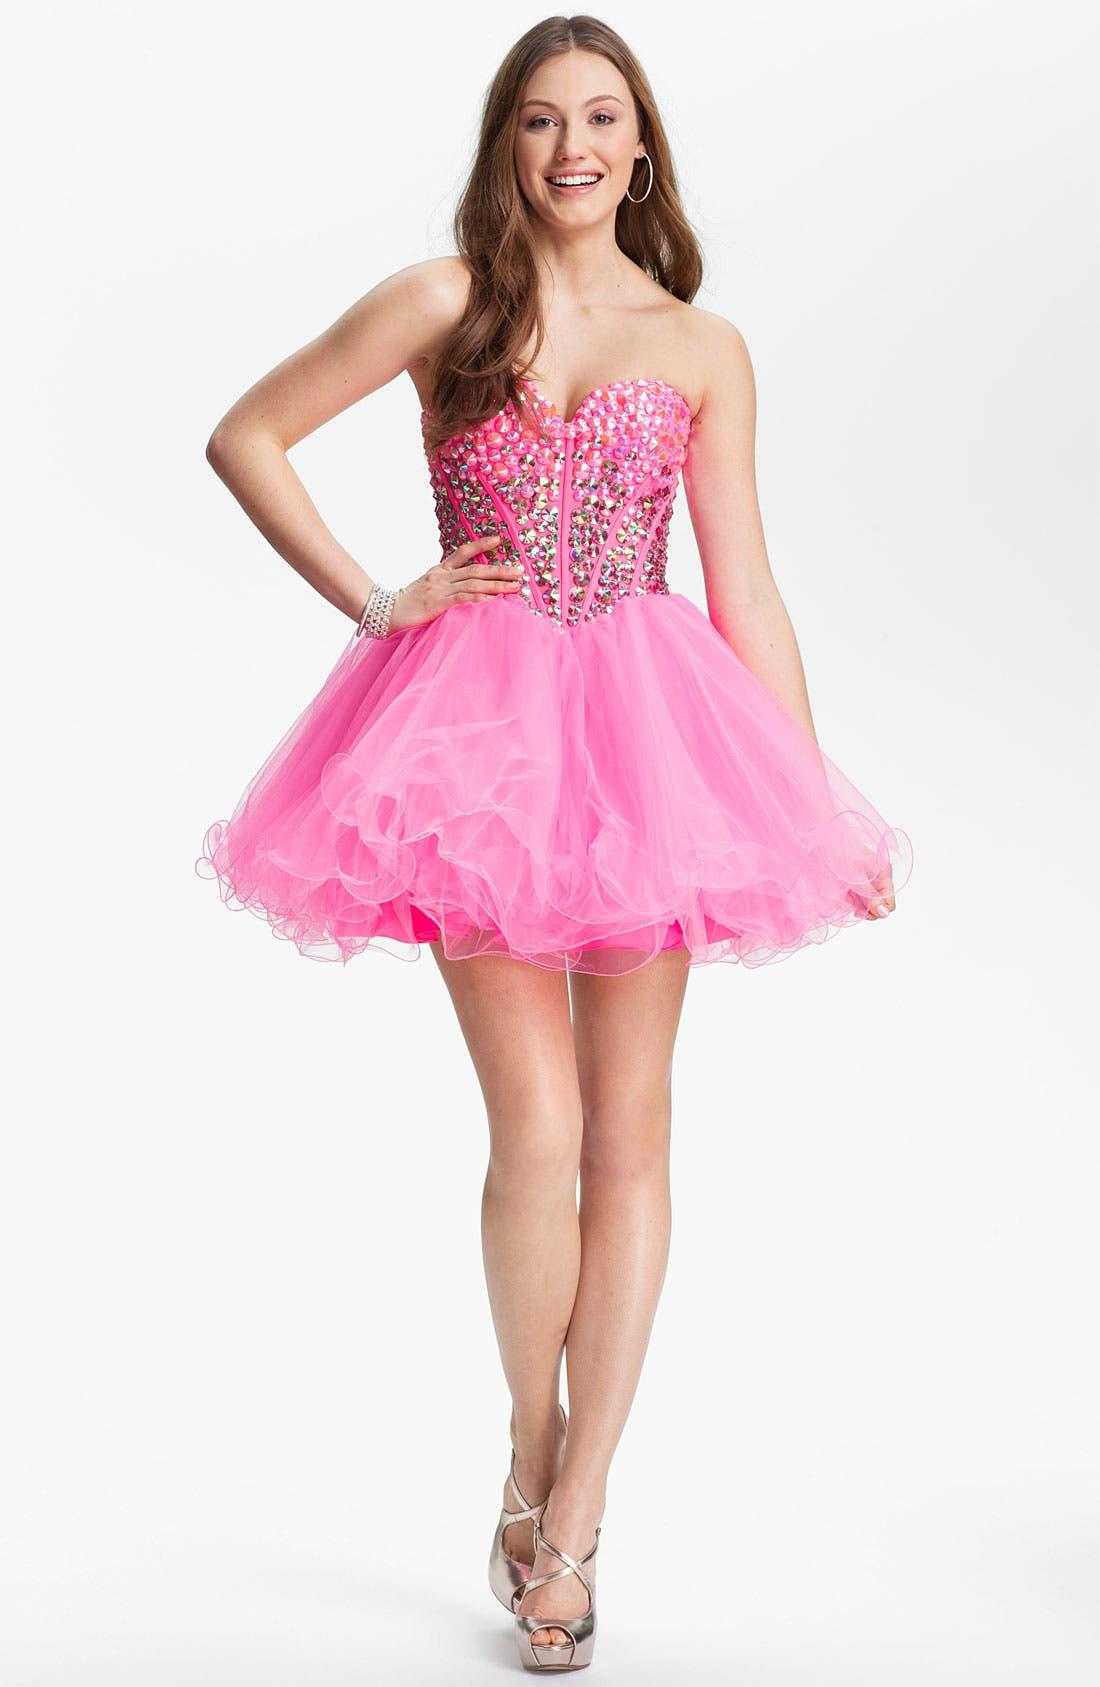 Alternate Image 1 Selected - Sherri Hill Beaded Tulle Babydoll Dress